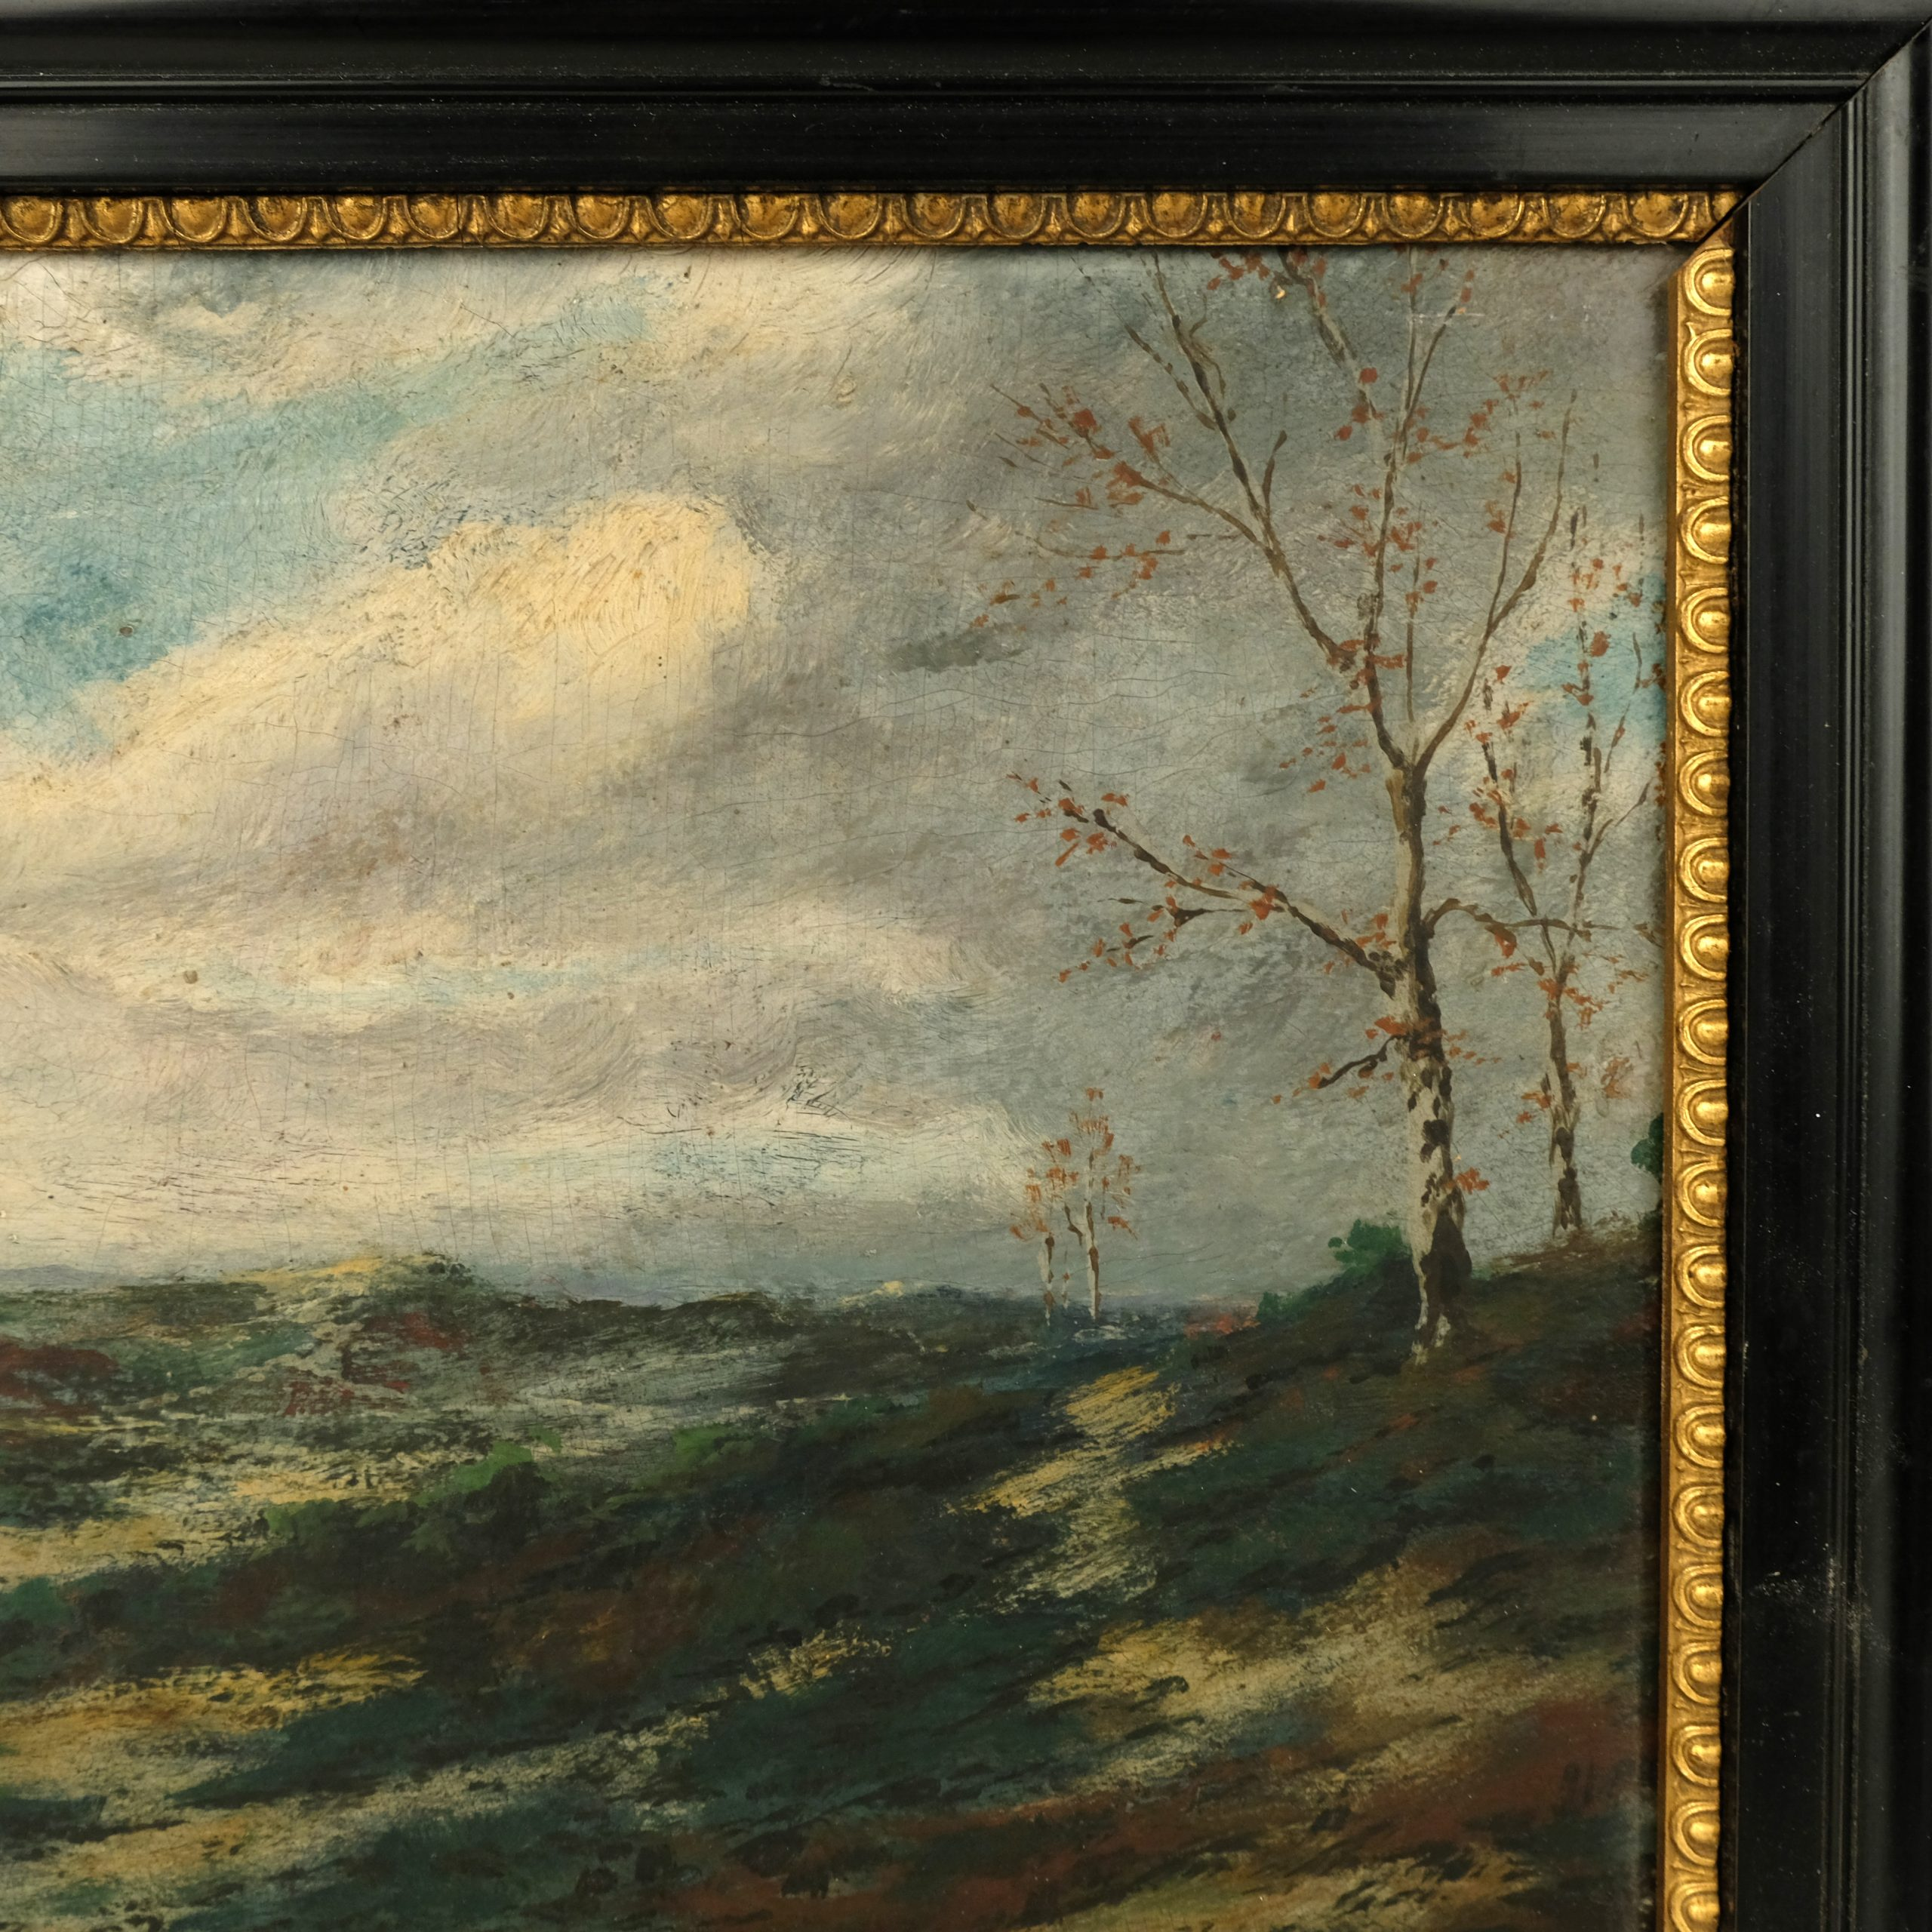 Hendrik Petrus Berlage (1856-1934) - Landschap met berken